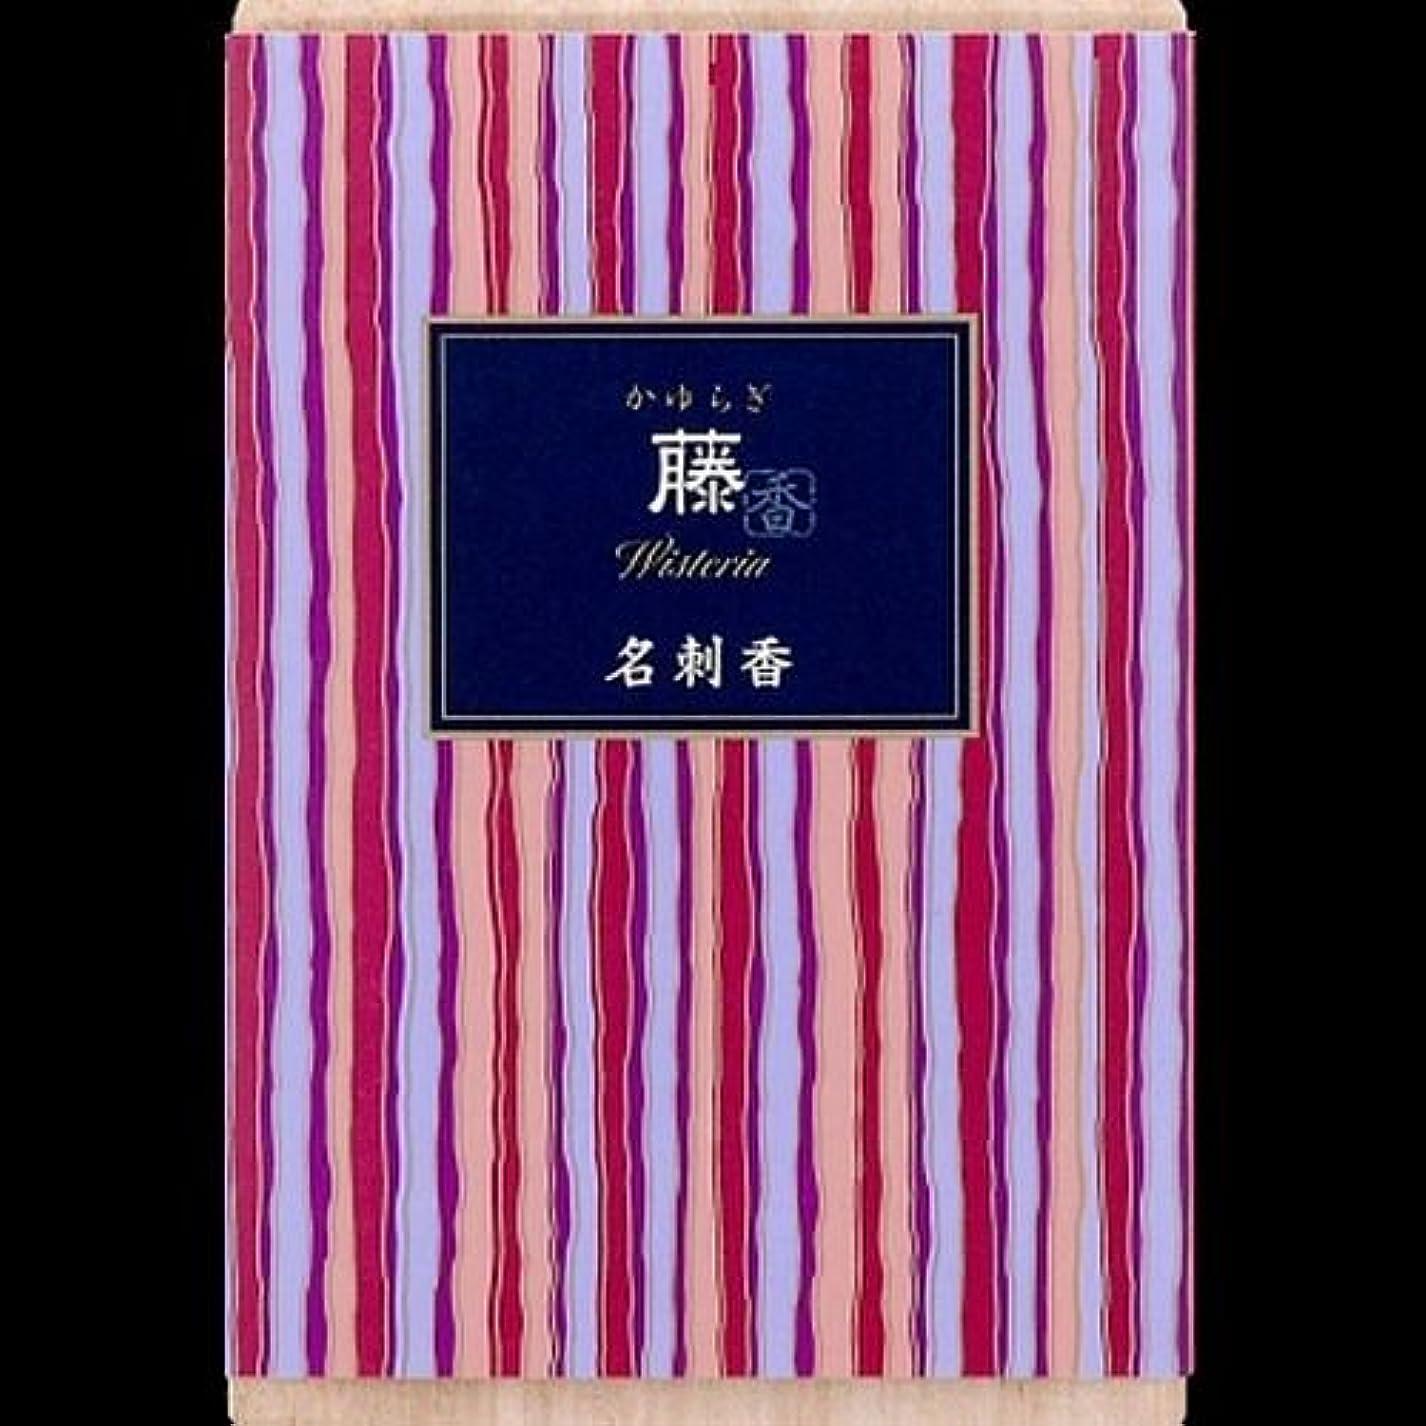 シェアカヌー突然【まとめ買い】かゆらぎ 藤 名刺香 桐箱 6入 ×2セット